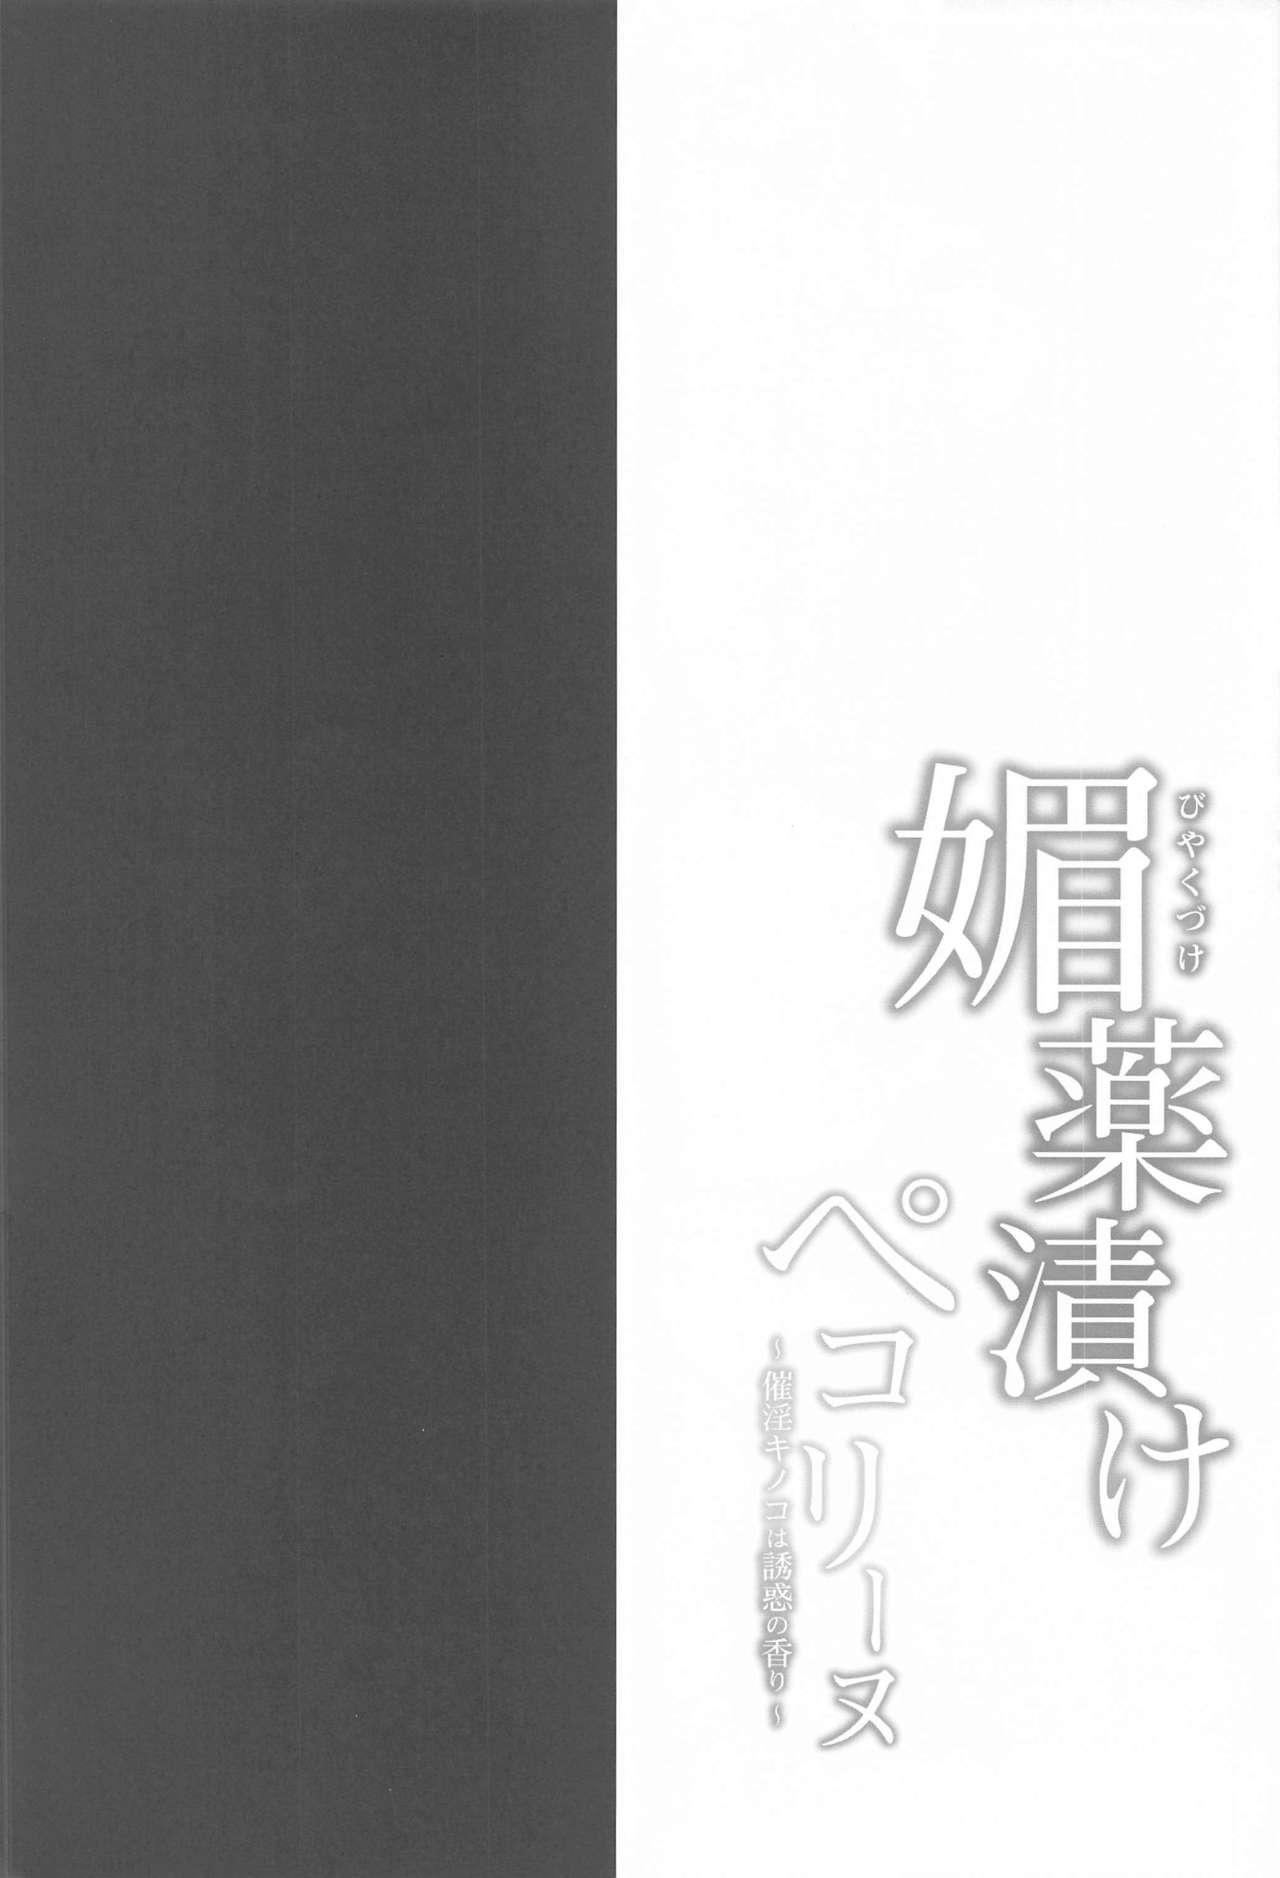 Biyakuzuke Pecorine 2